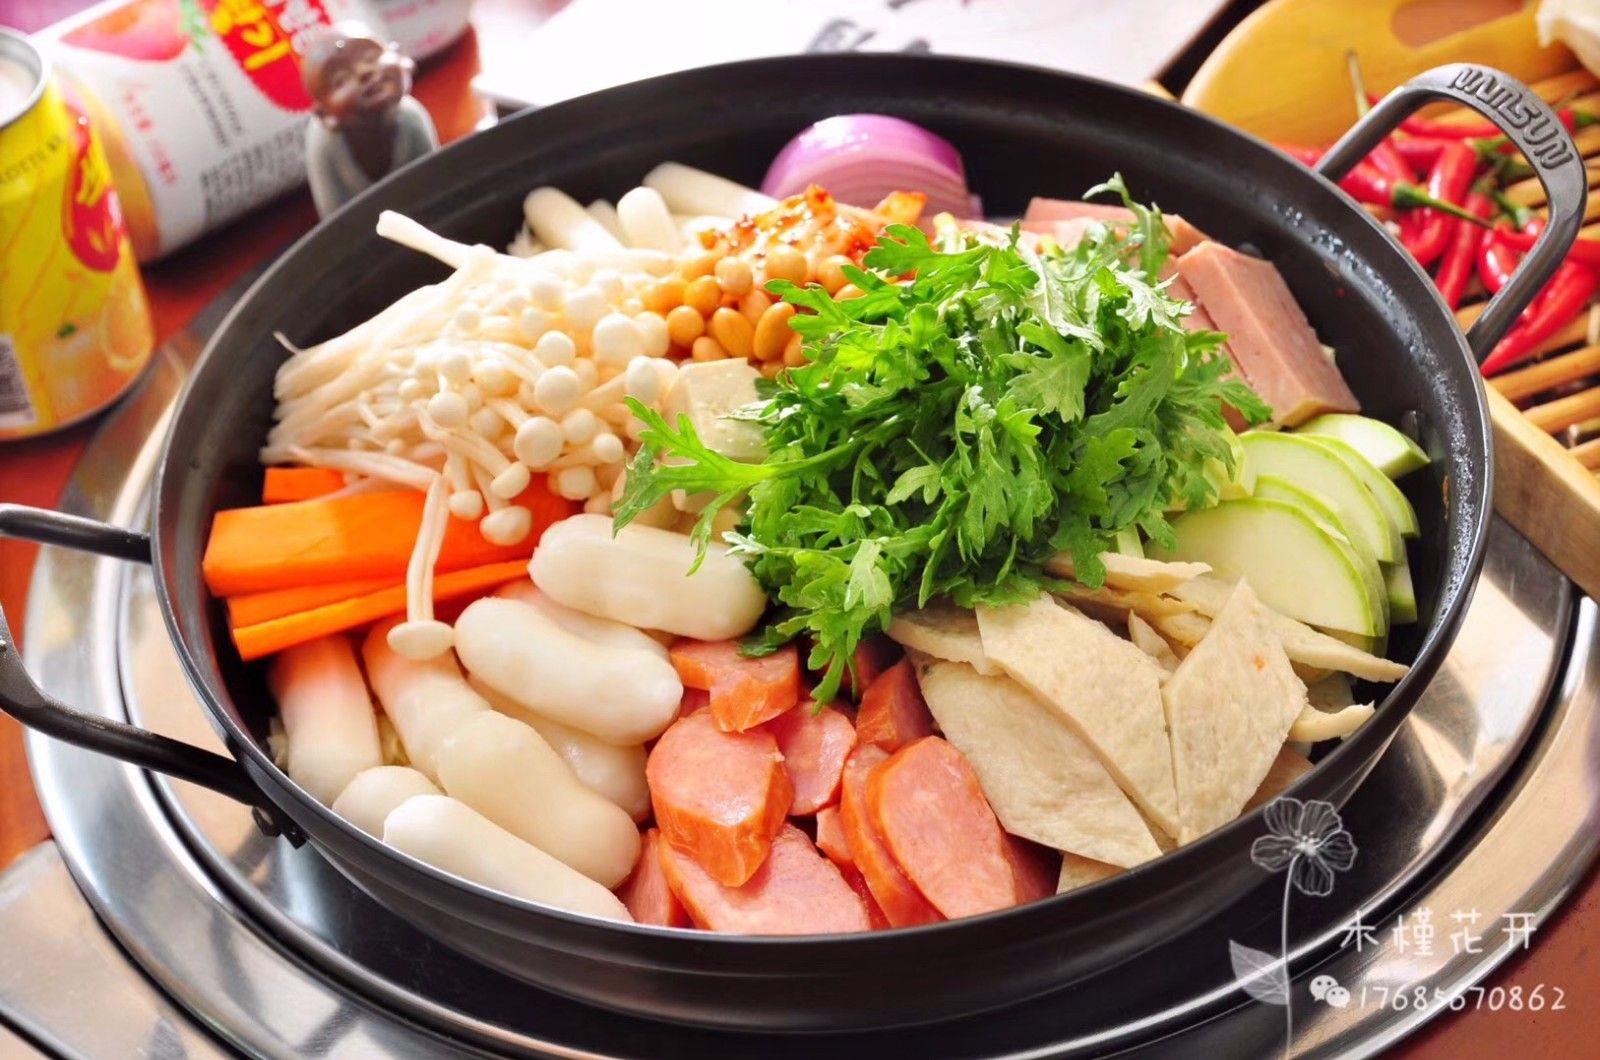 木槿花开韩国主题餐厅